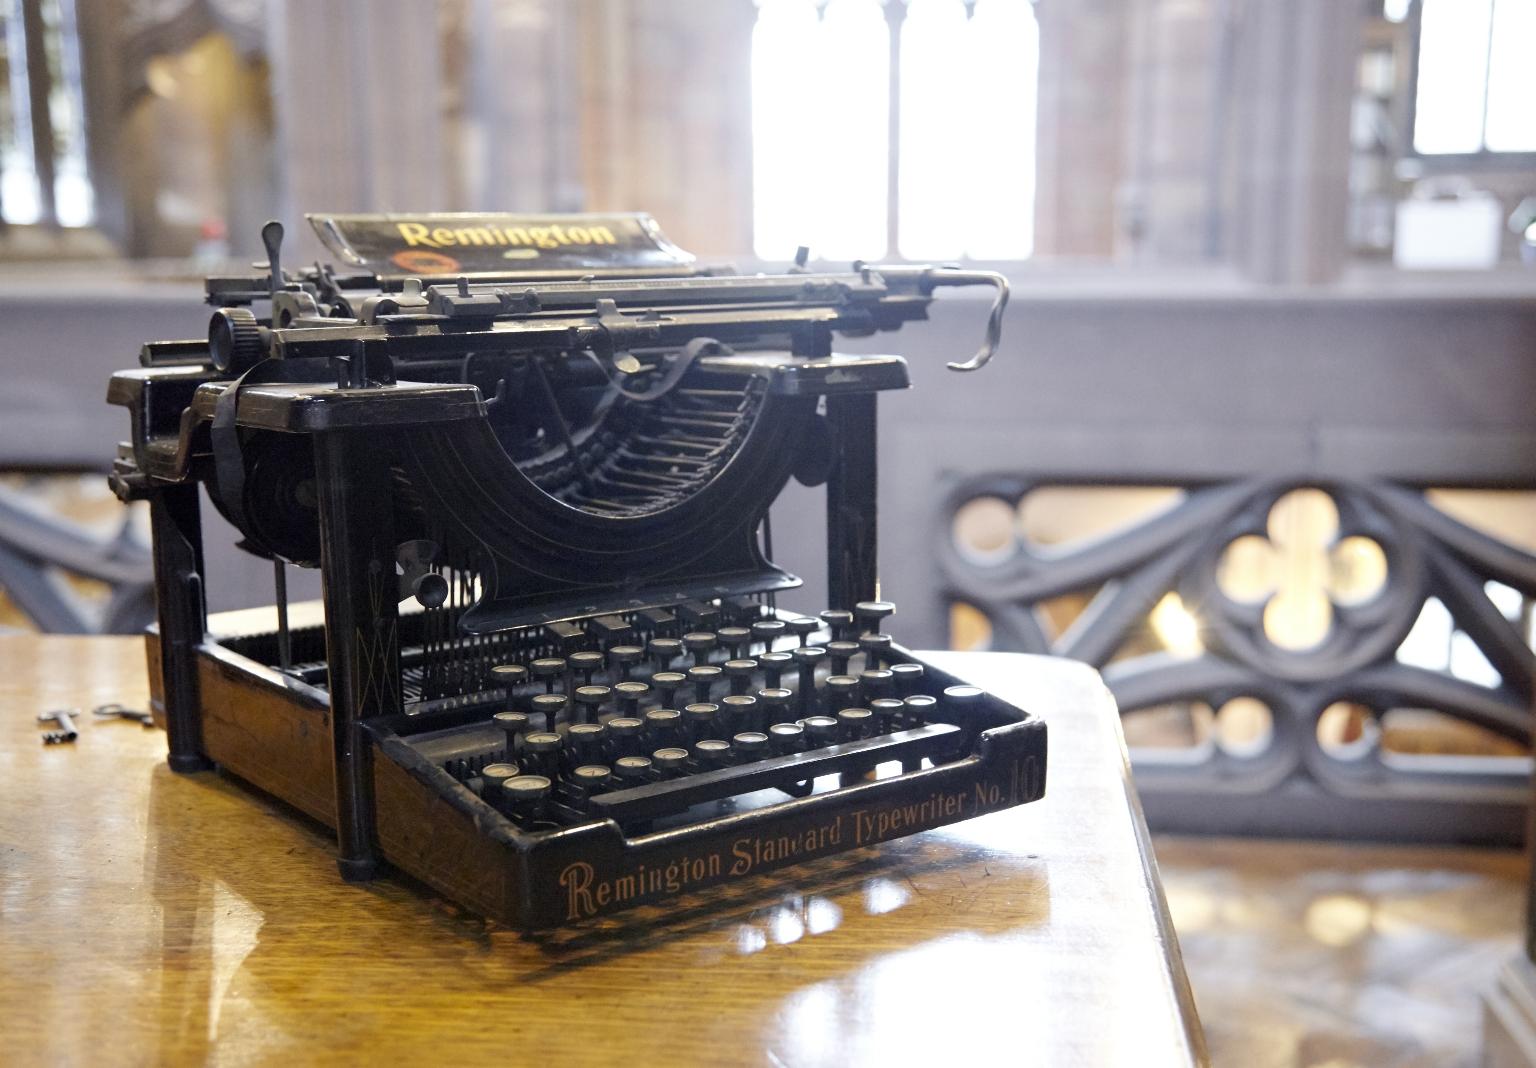 Remington Typewriter, Standard no.10